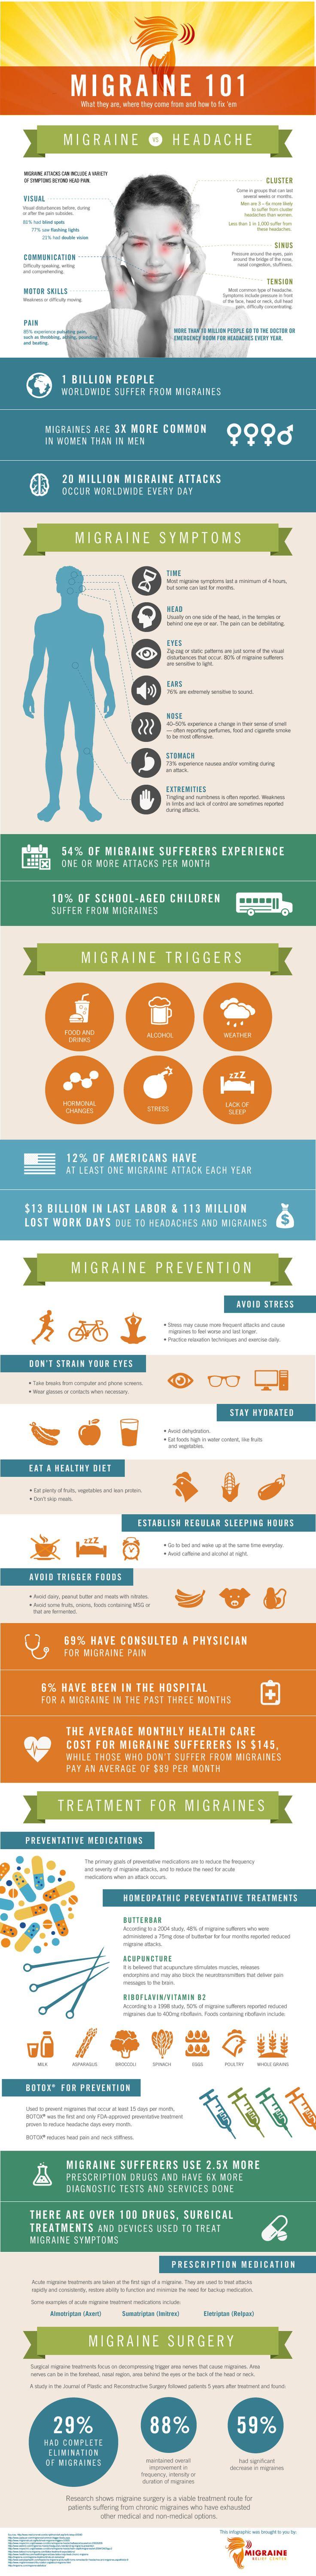 #migraine vs. #headache • migraine symptoms, triggers, prevention, treatment